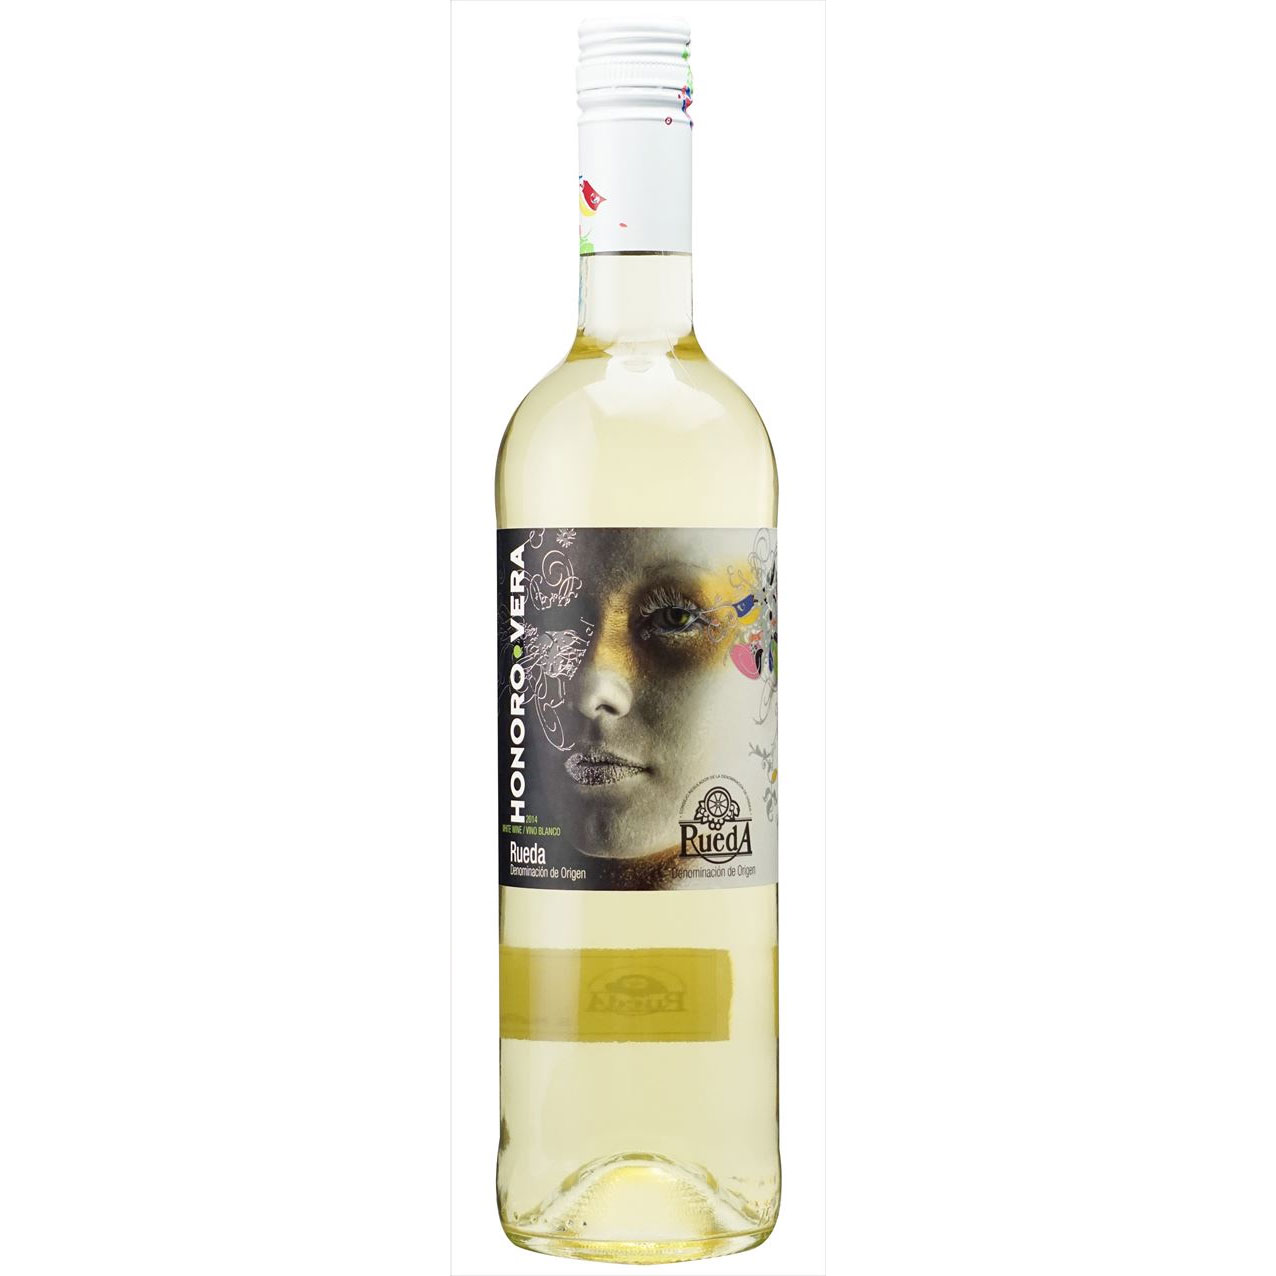 【ラッキーシール対応】母の日 ギフト オノロ ベラ ルエダ ヒル ファミリー エステーツ 白 750ml 12本 スペイン ルエダ 白ワイン 送料無料 コンビニ受取対応商品 ヴィンテージ管理しておりません、変わる場合があります